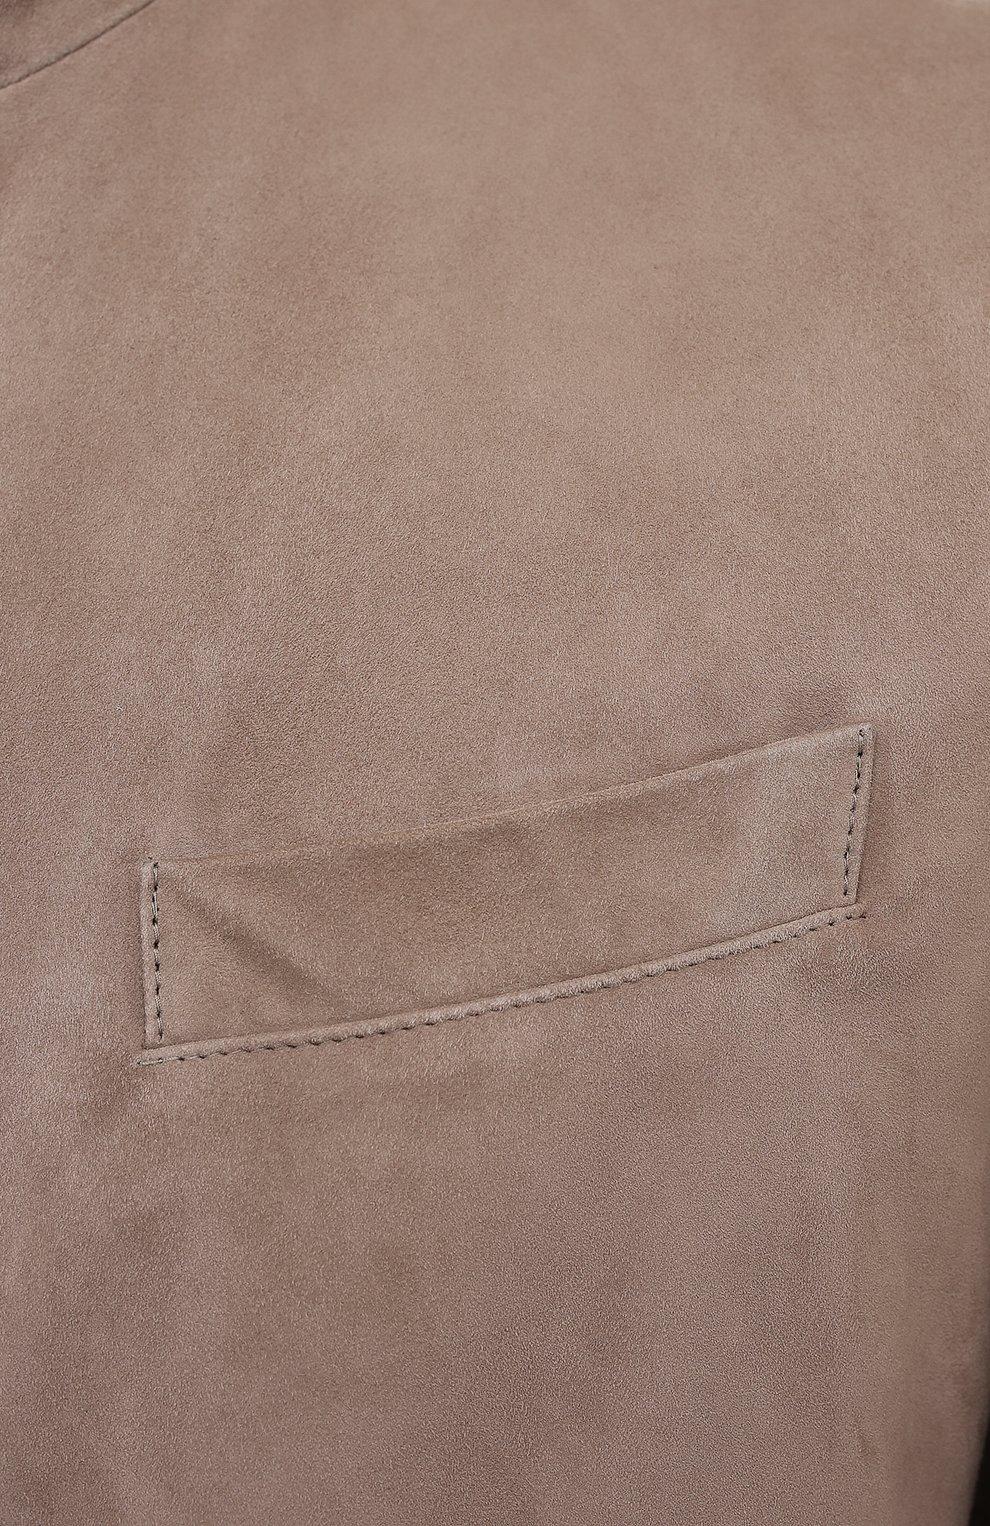 Мужская замшевая куртка BRUNELLO CUCINELLI бежевого цвета, арт. MPCLN1636 | Фото 5 (Кросс-КТ: Куртка; Материал внешний: Замша, Кожа; Рукава: Длинные; Длина (верхняя одежда): До середины бедра; Мужское Кросс-КТ: Кожа и замша; Материал подклада: Купро; Стили: Кэжуэл)